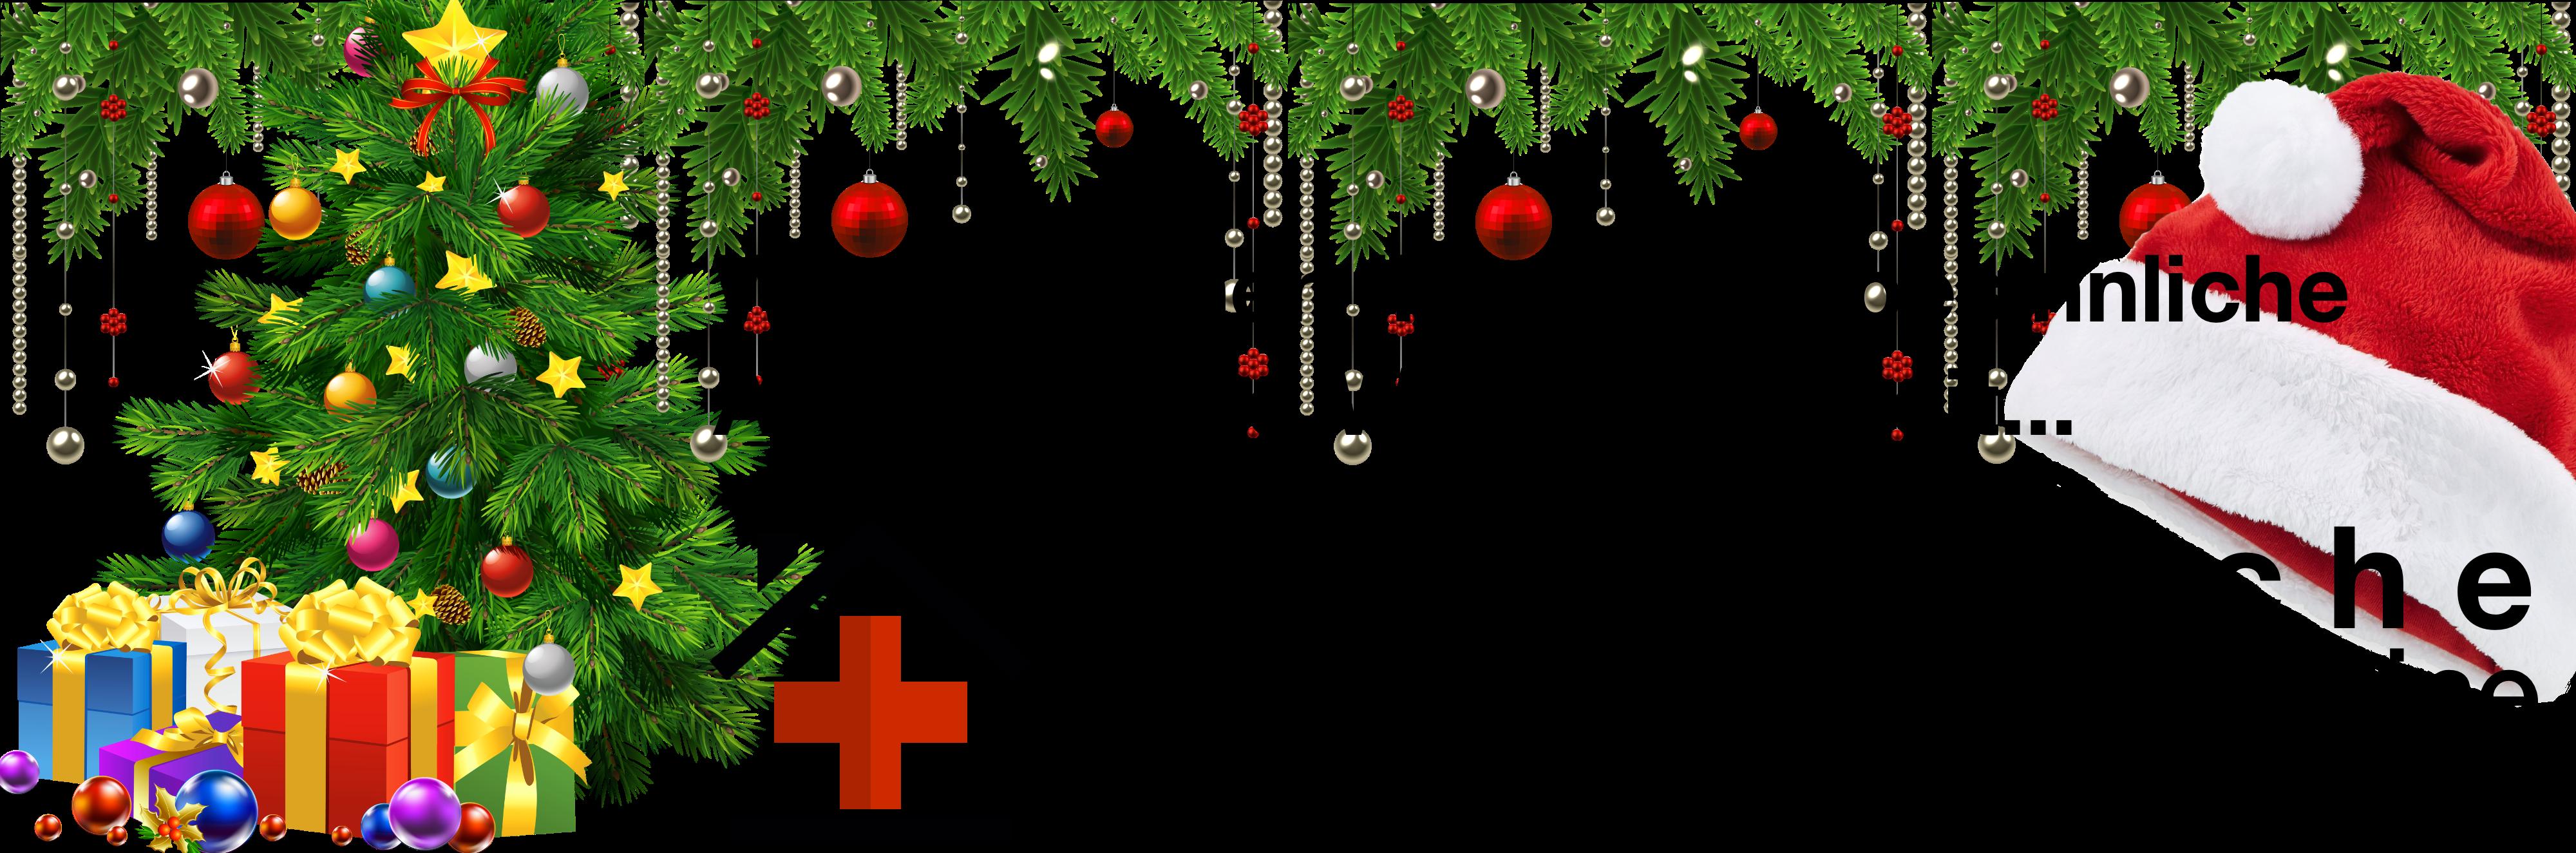 Ich Wünsche Euch Besinnliche Weihnachten.Wir Wünschen Ihnen Eine Besinnliche Advents Und Weihnachtszeit